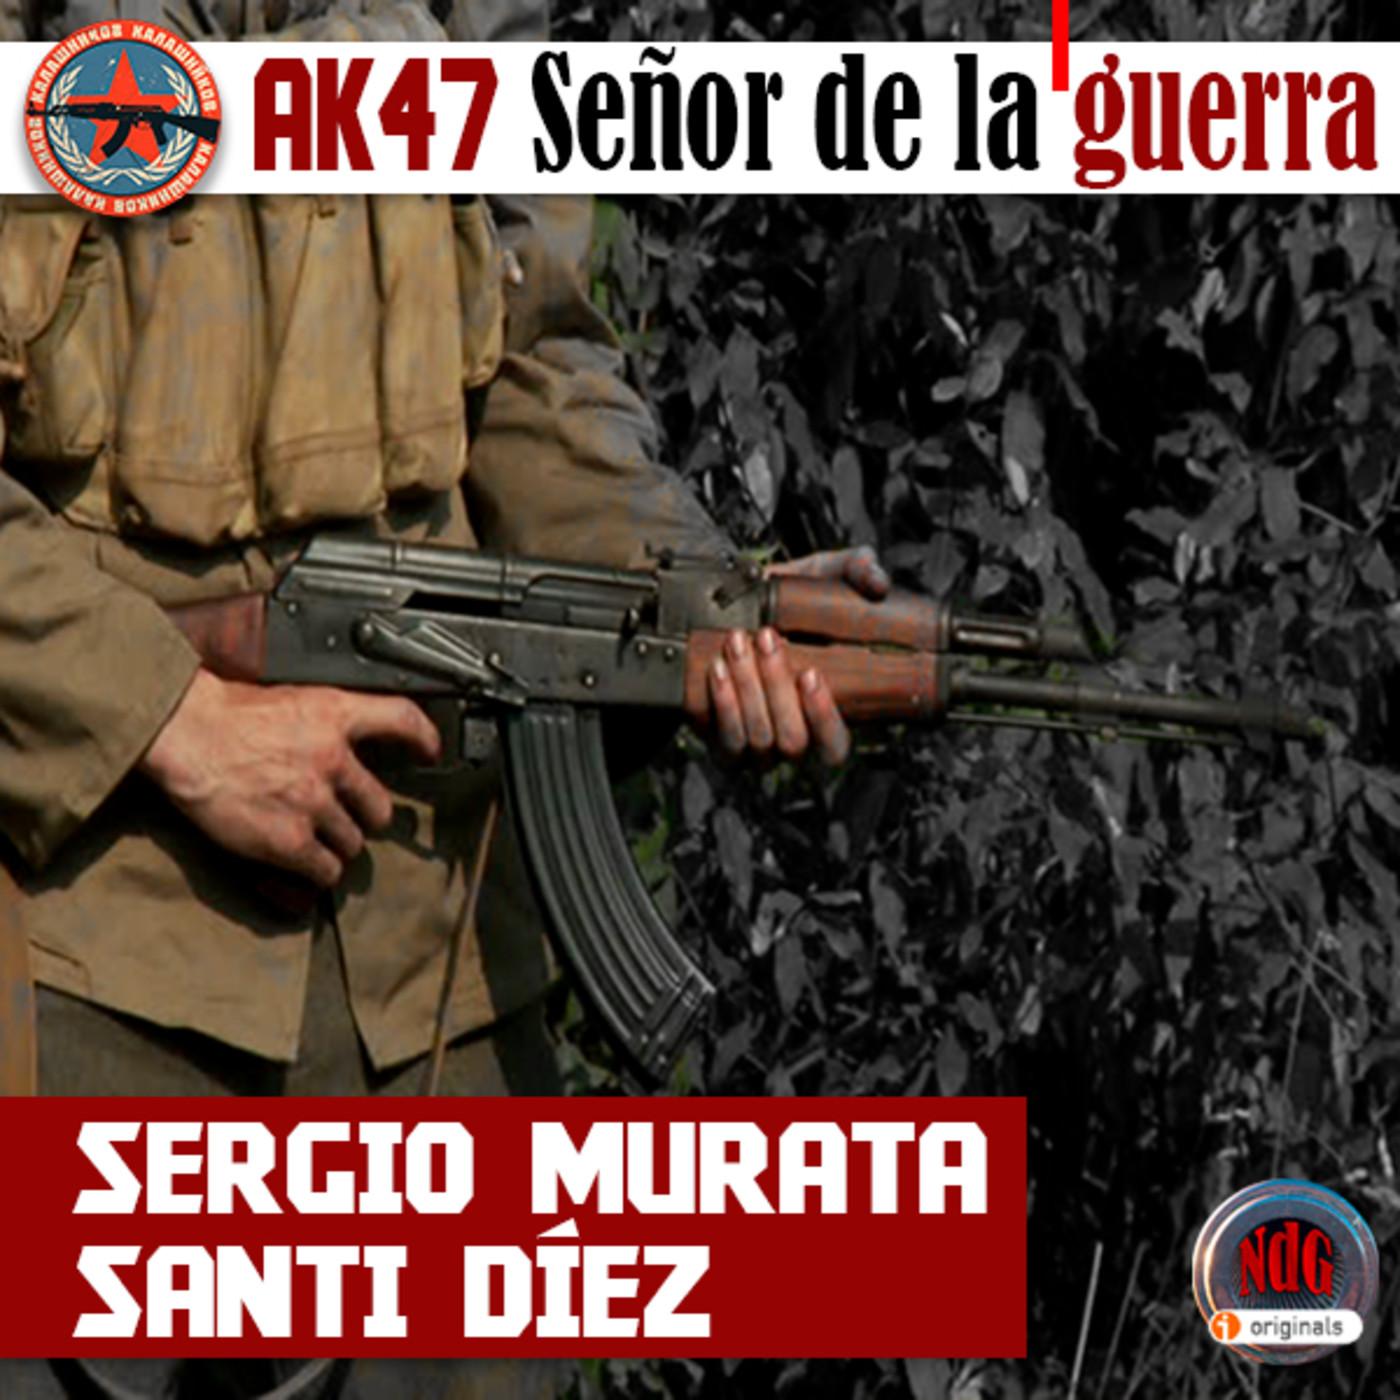 NdG #106 AK 47, EL SEÑOR DE LA GUERRA